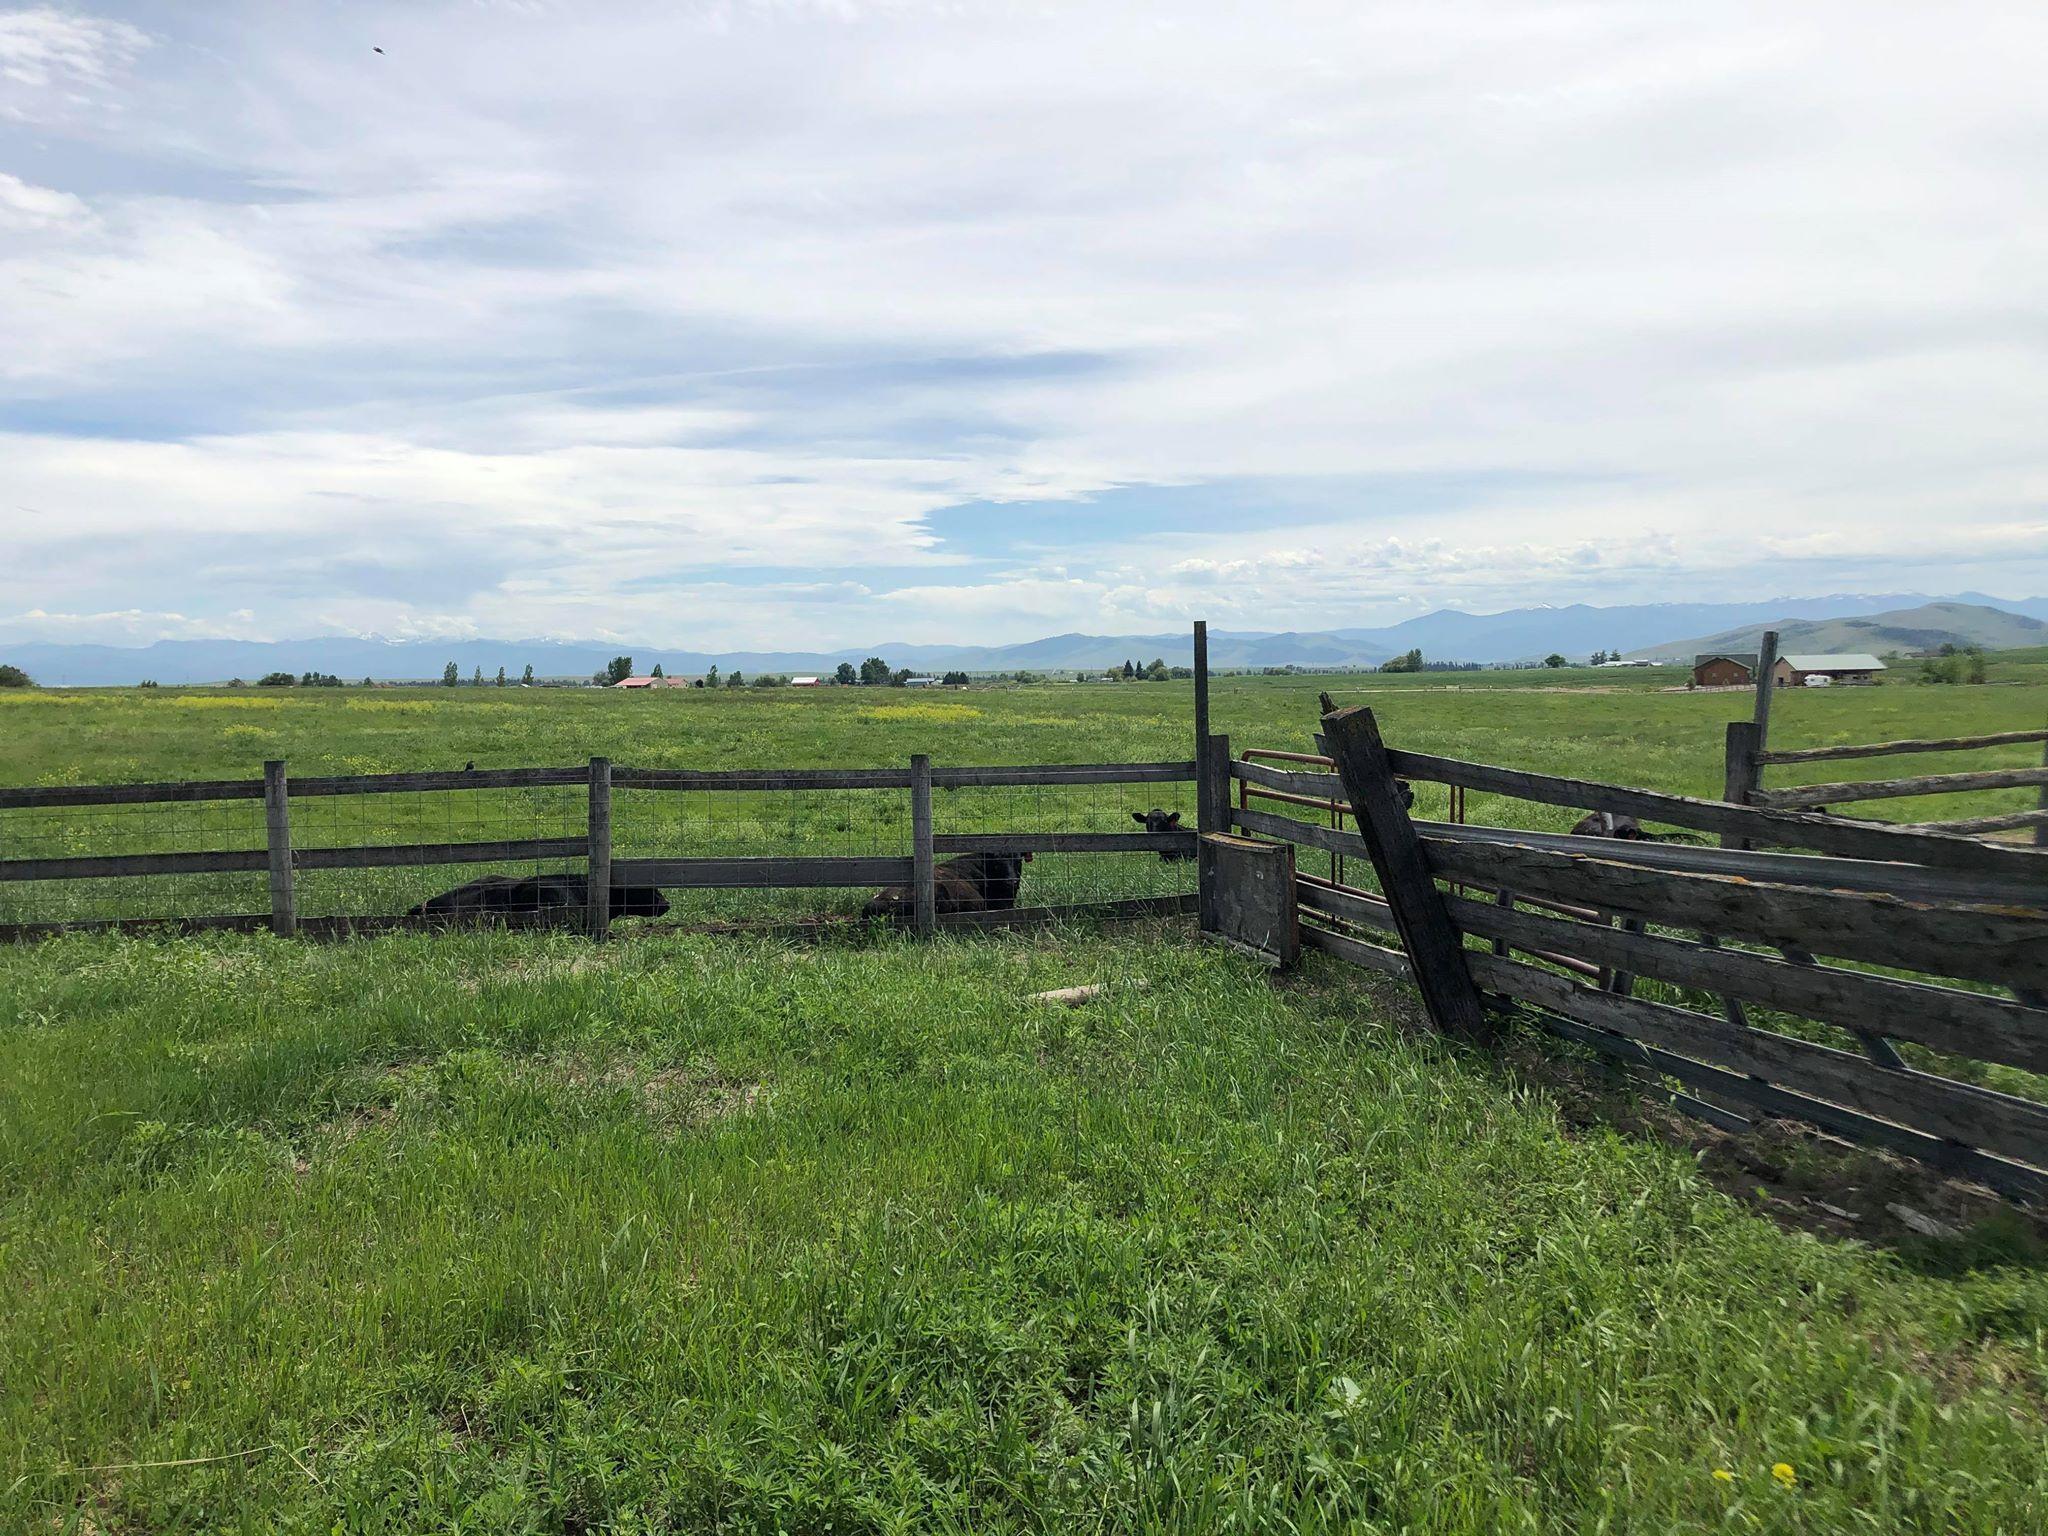 Pastures, Corrals, Etc.